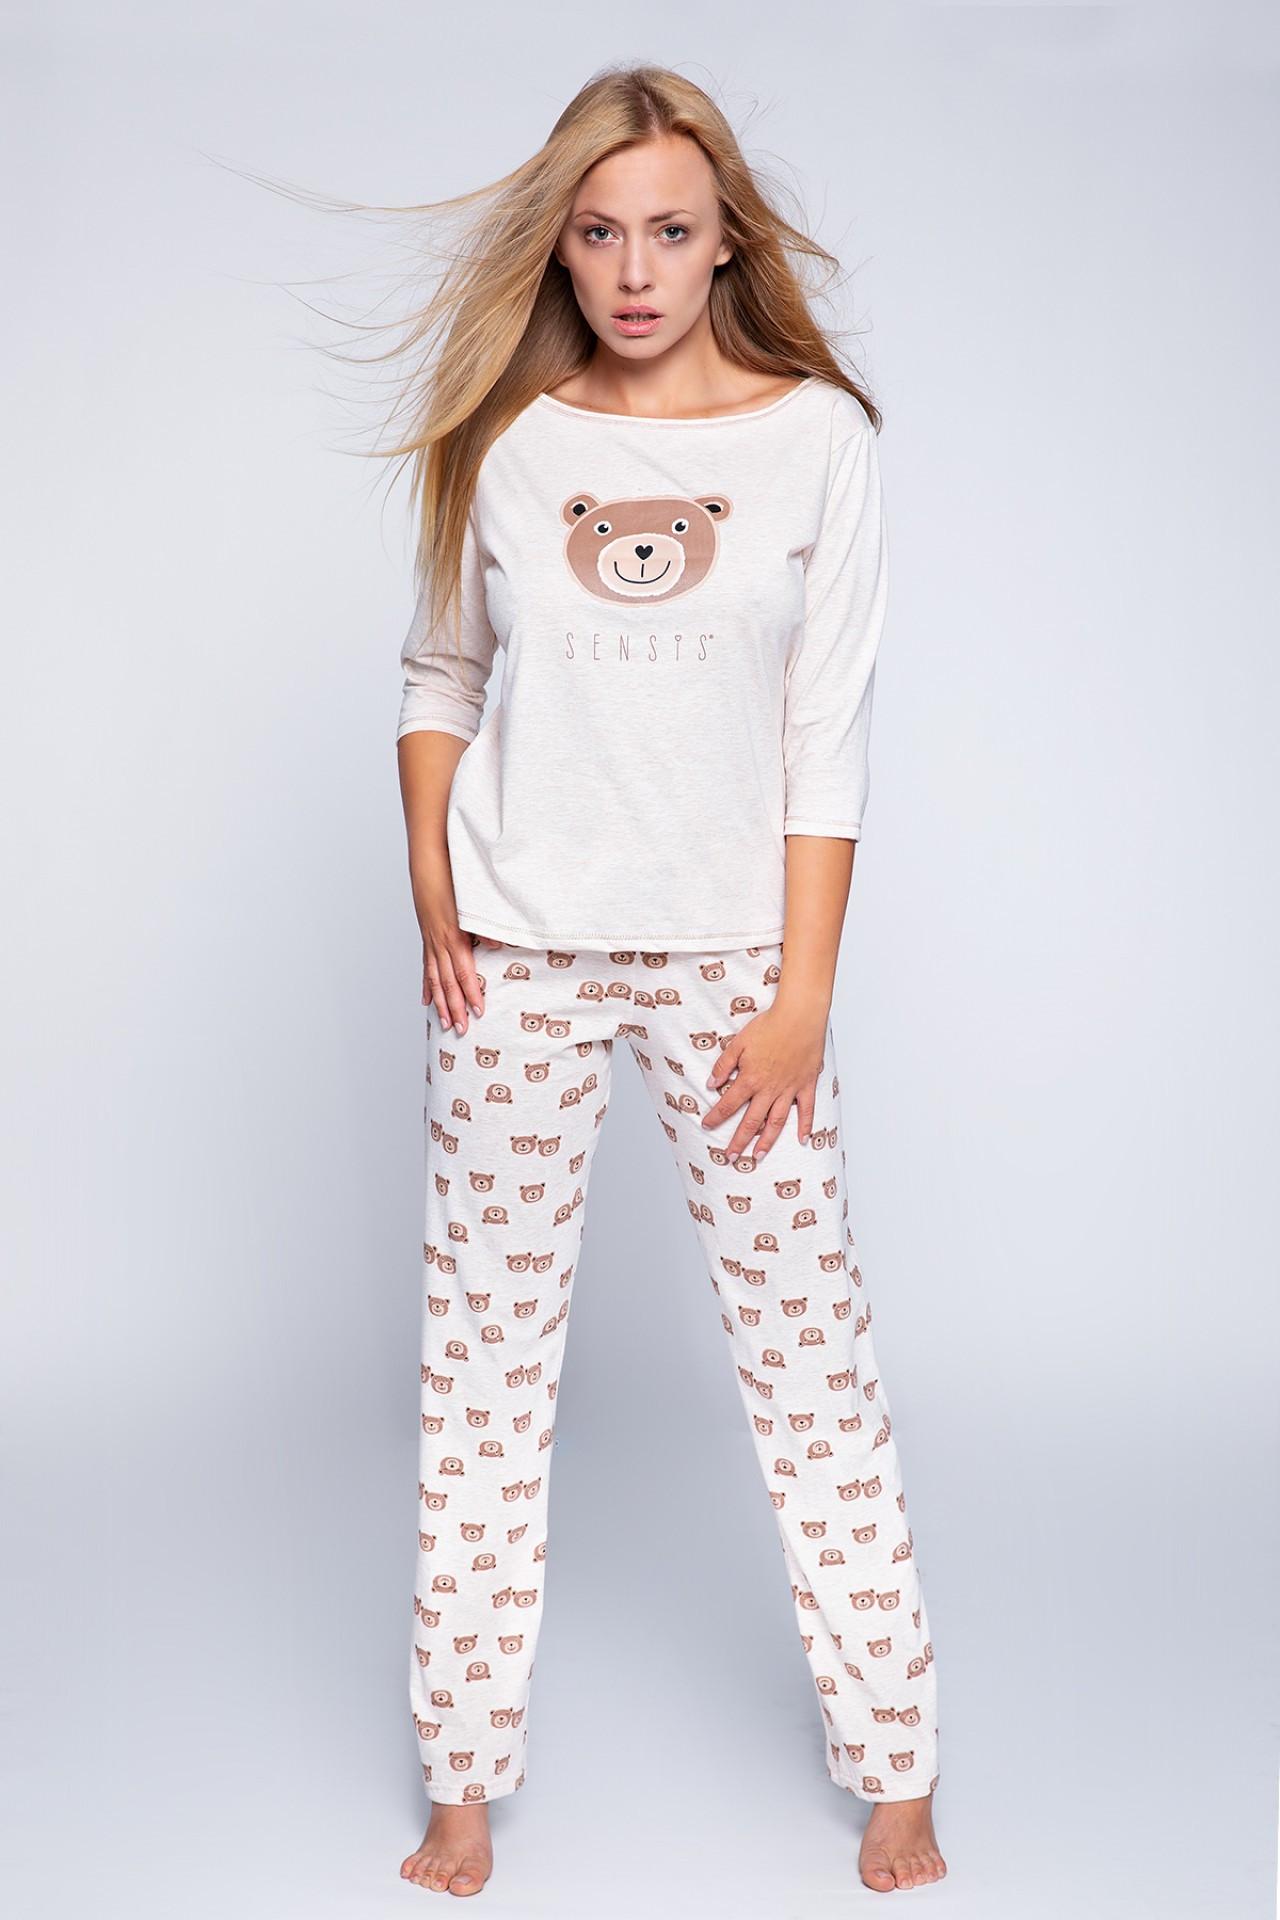 Пижама, хлопок  Sensis Bear